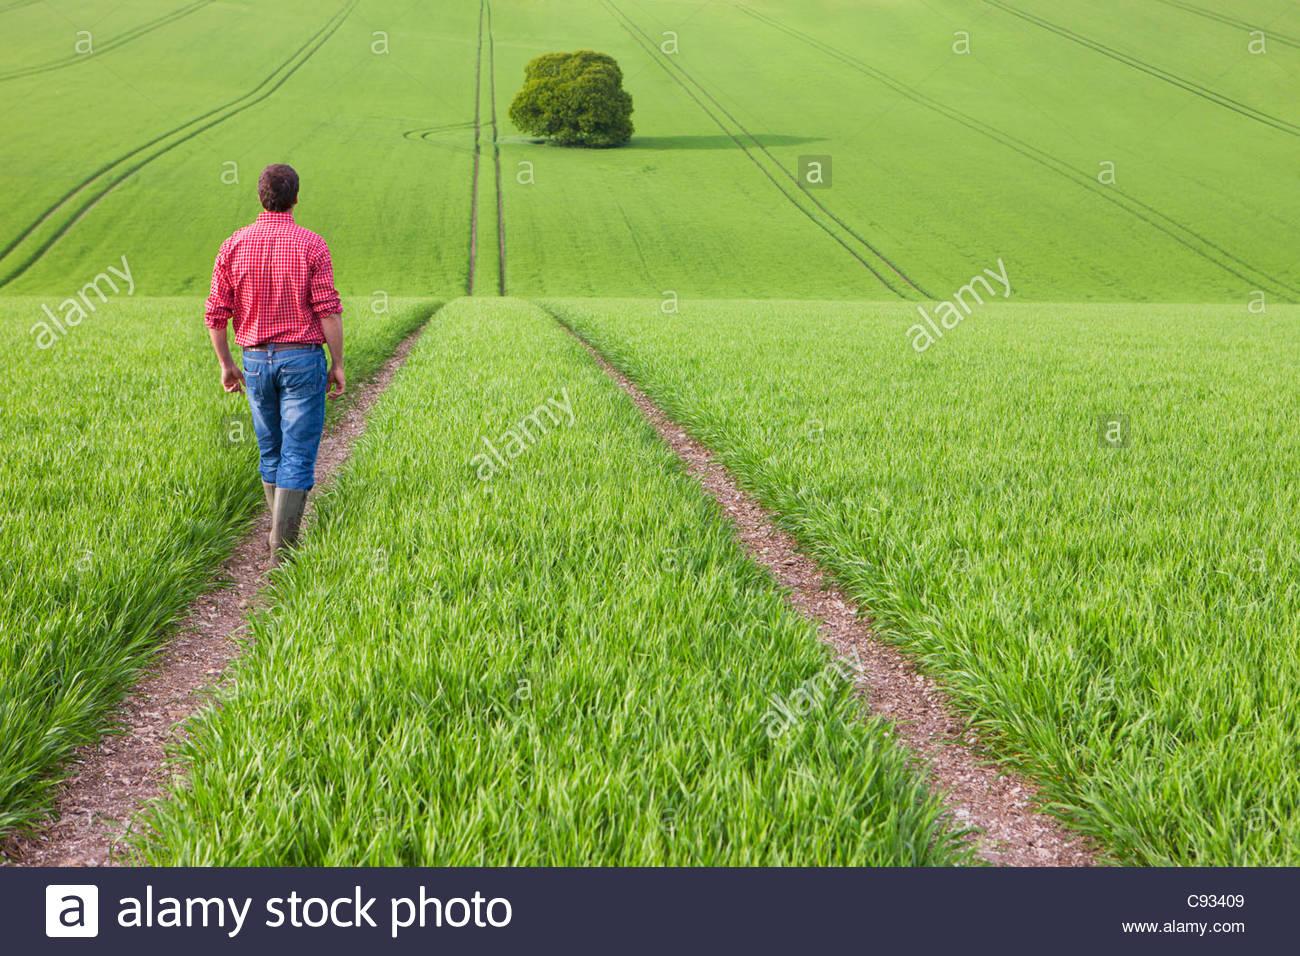 Farmer walking on path in wheat field - Stock Image